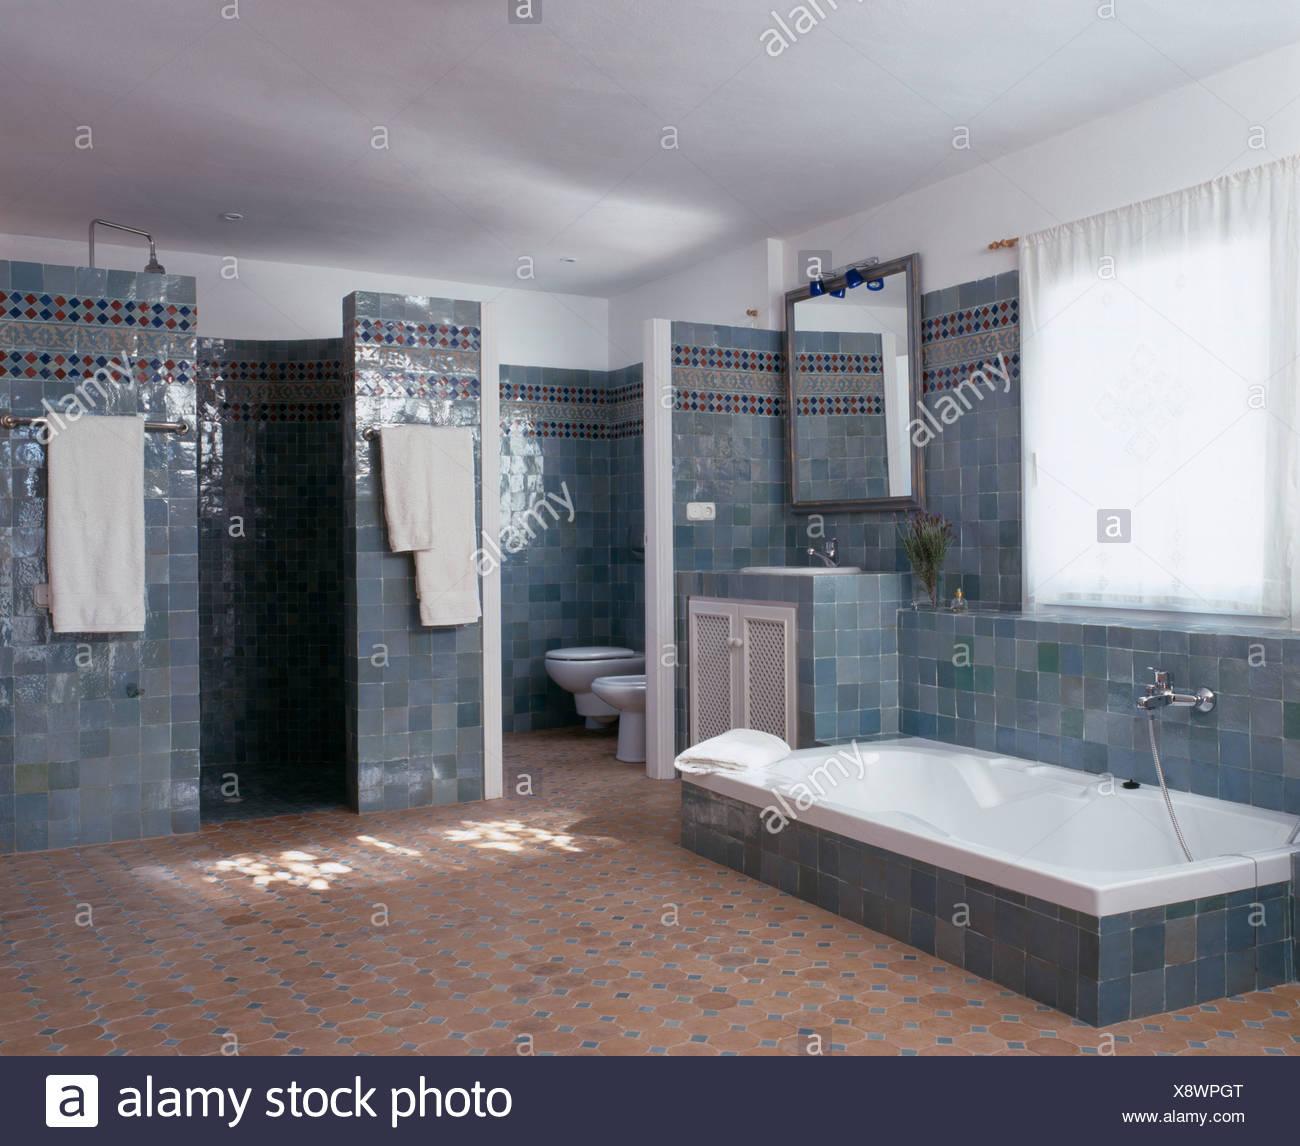 Baignoire encastrée dans le sol carrelé gris bleu espagnol